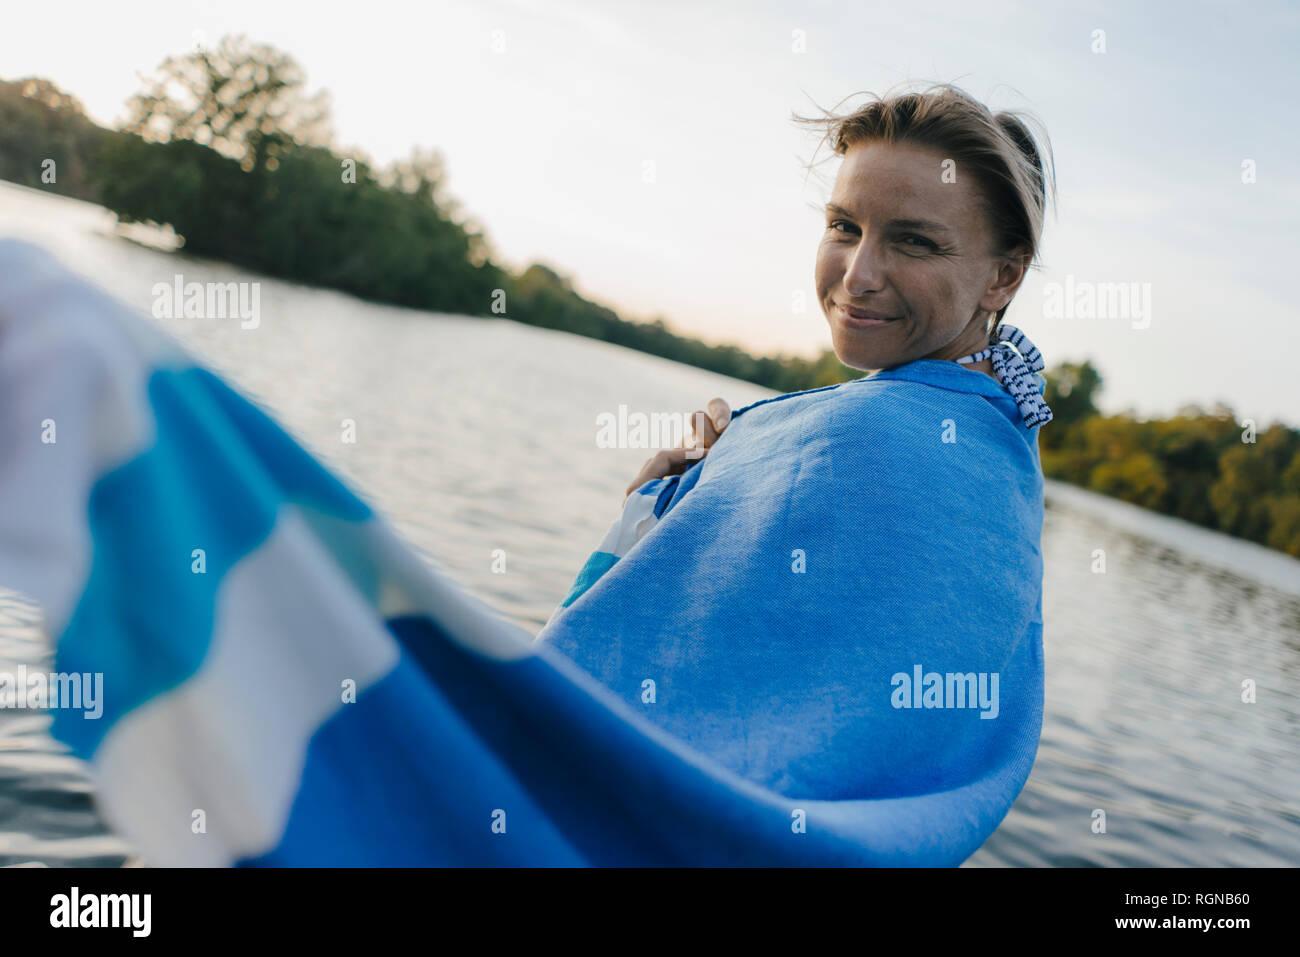 Retrato de mujer sonriente envuelta en una toalla en un lago Foto de stock